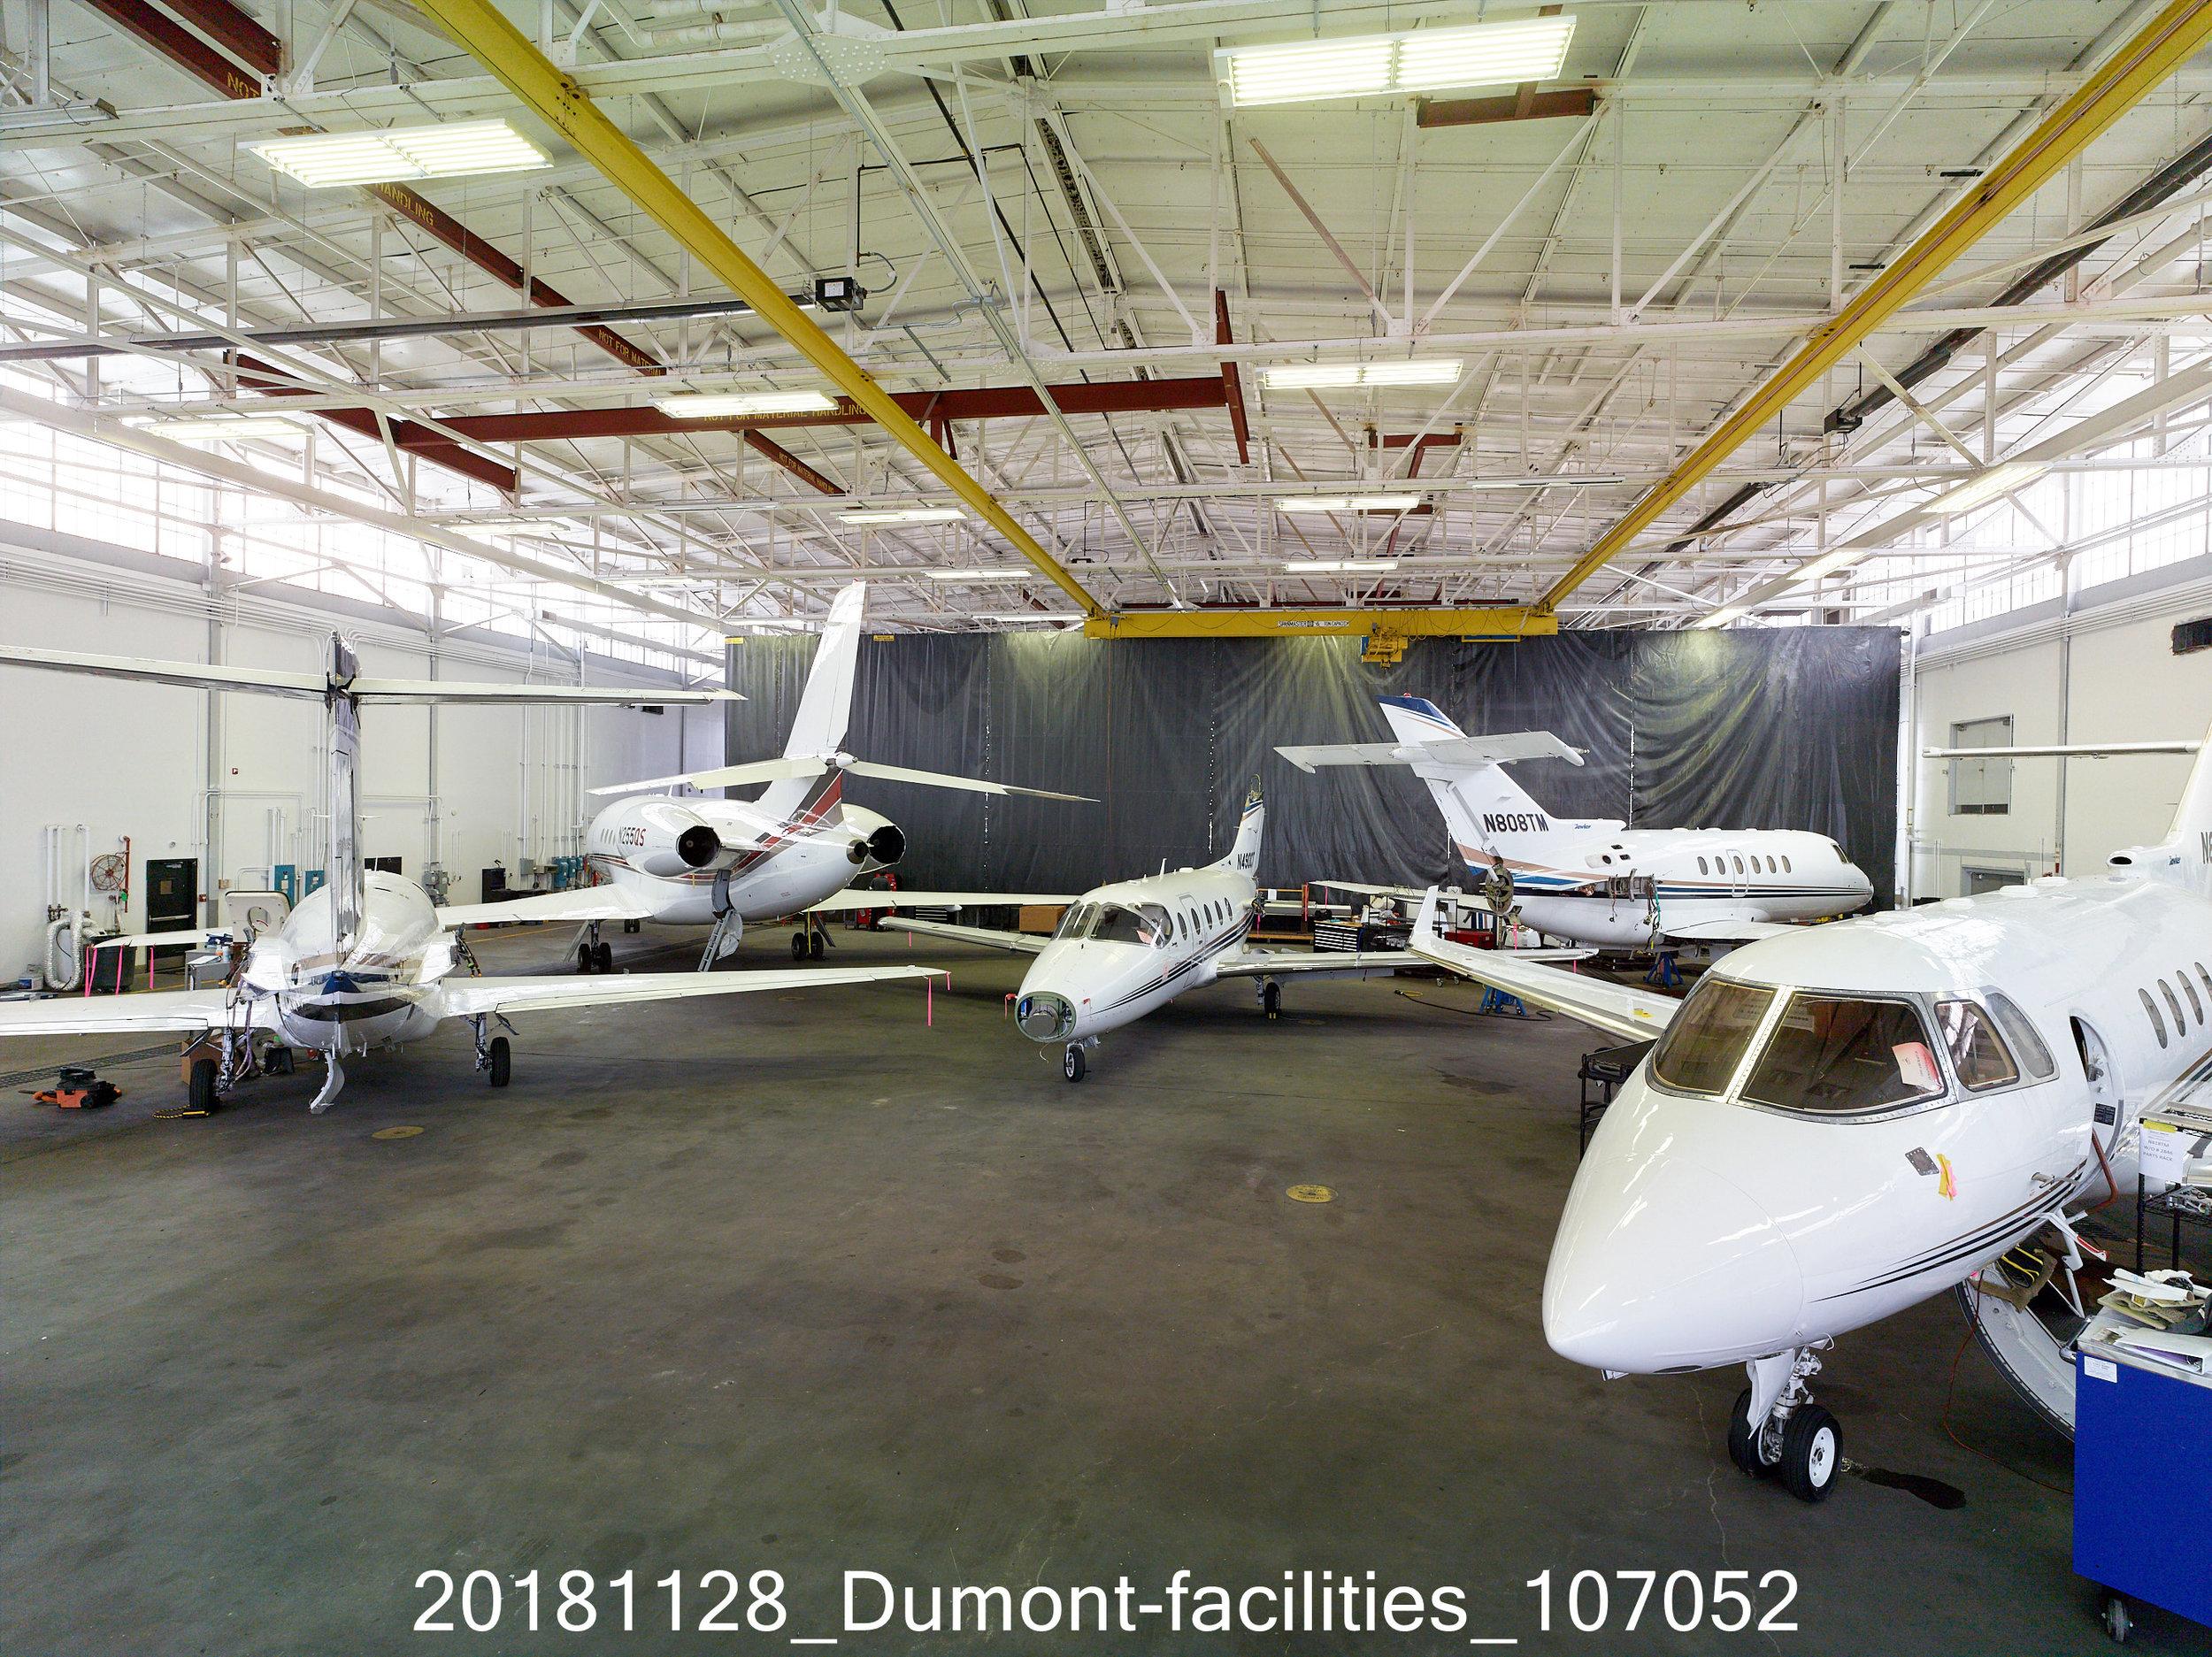 20181128_Dumont-facilities_107052.jpg